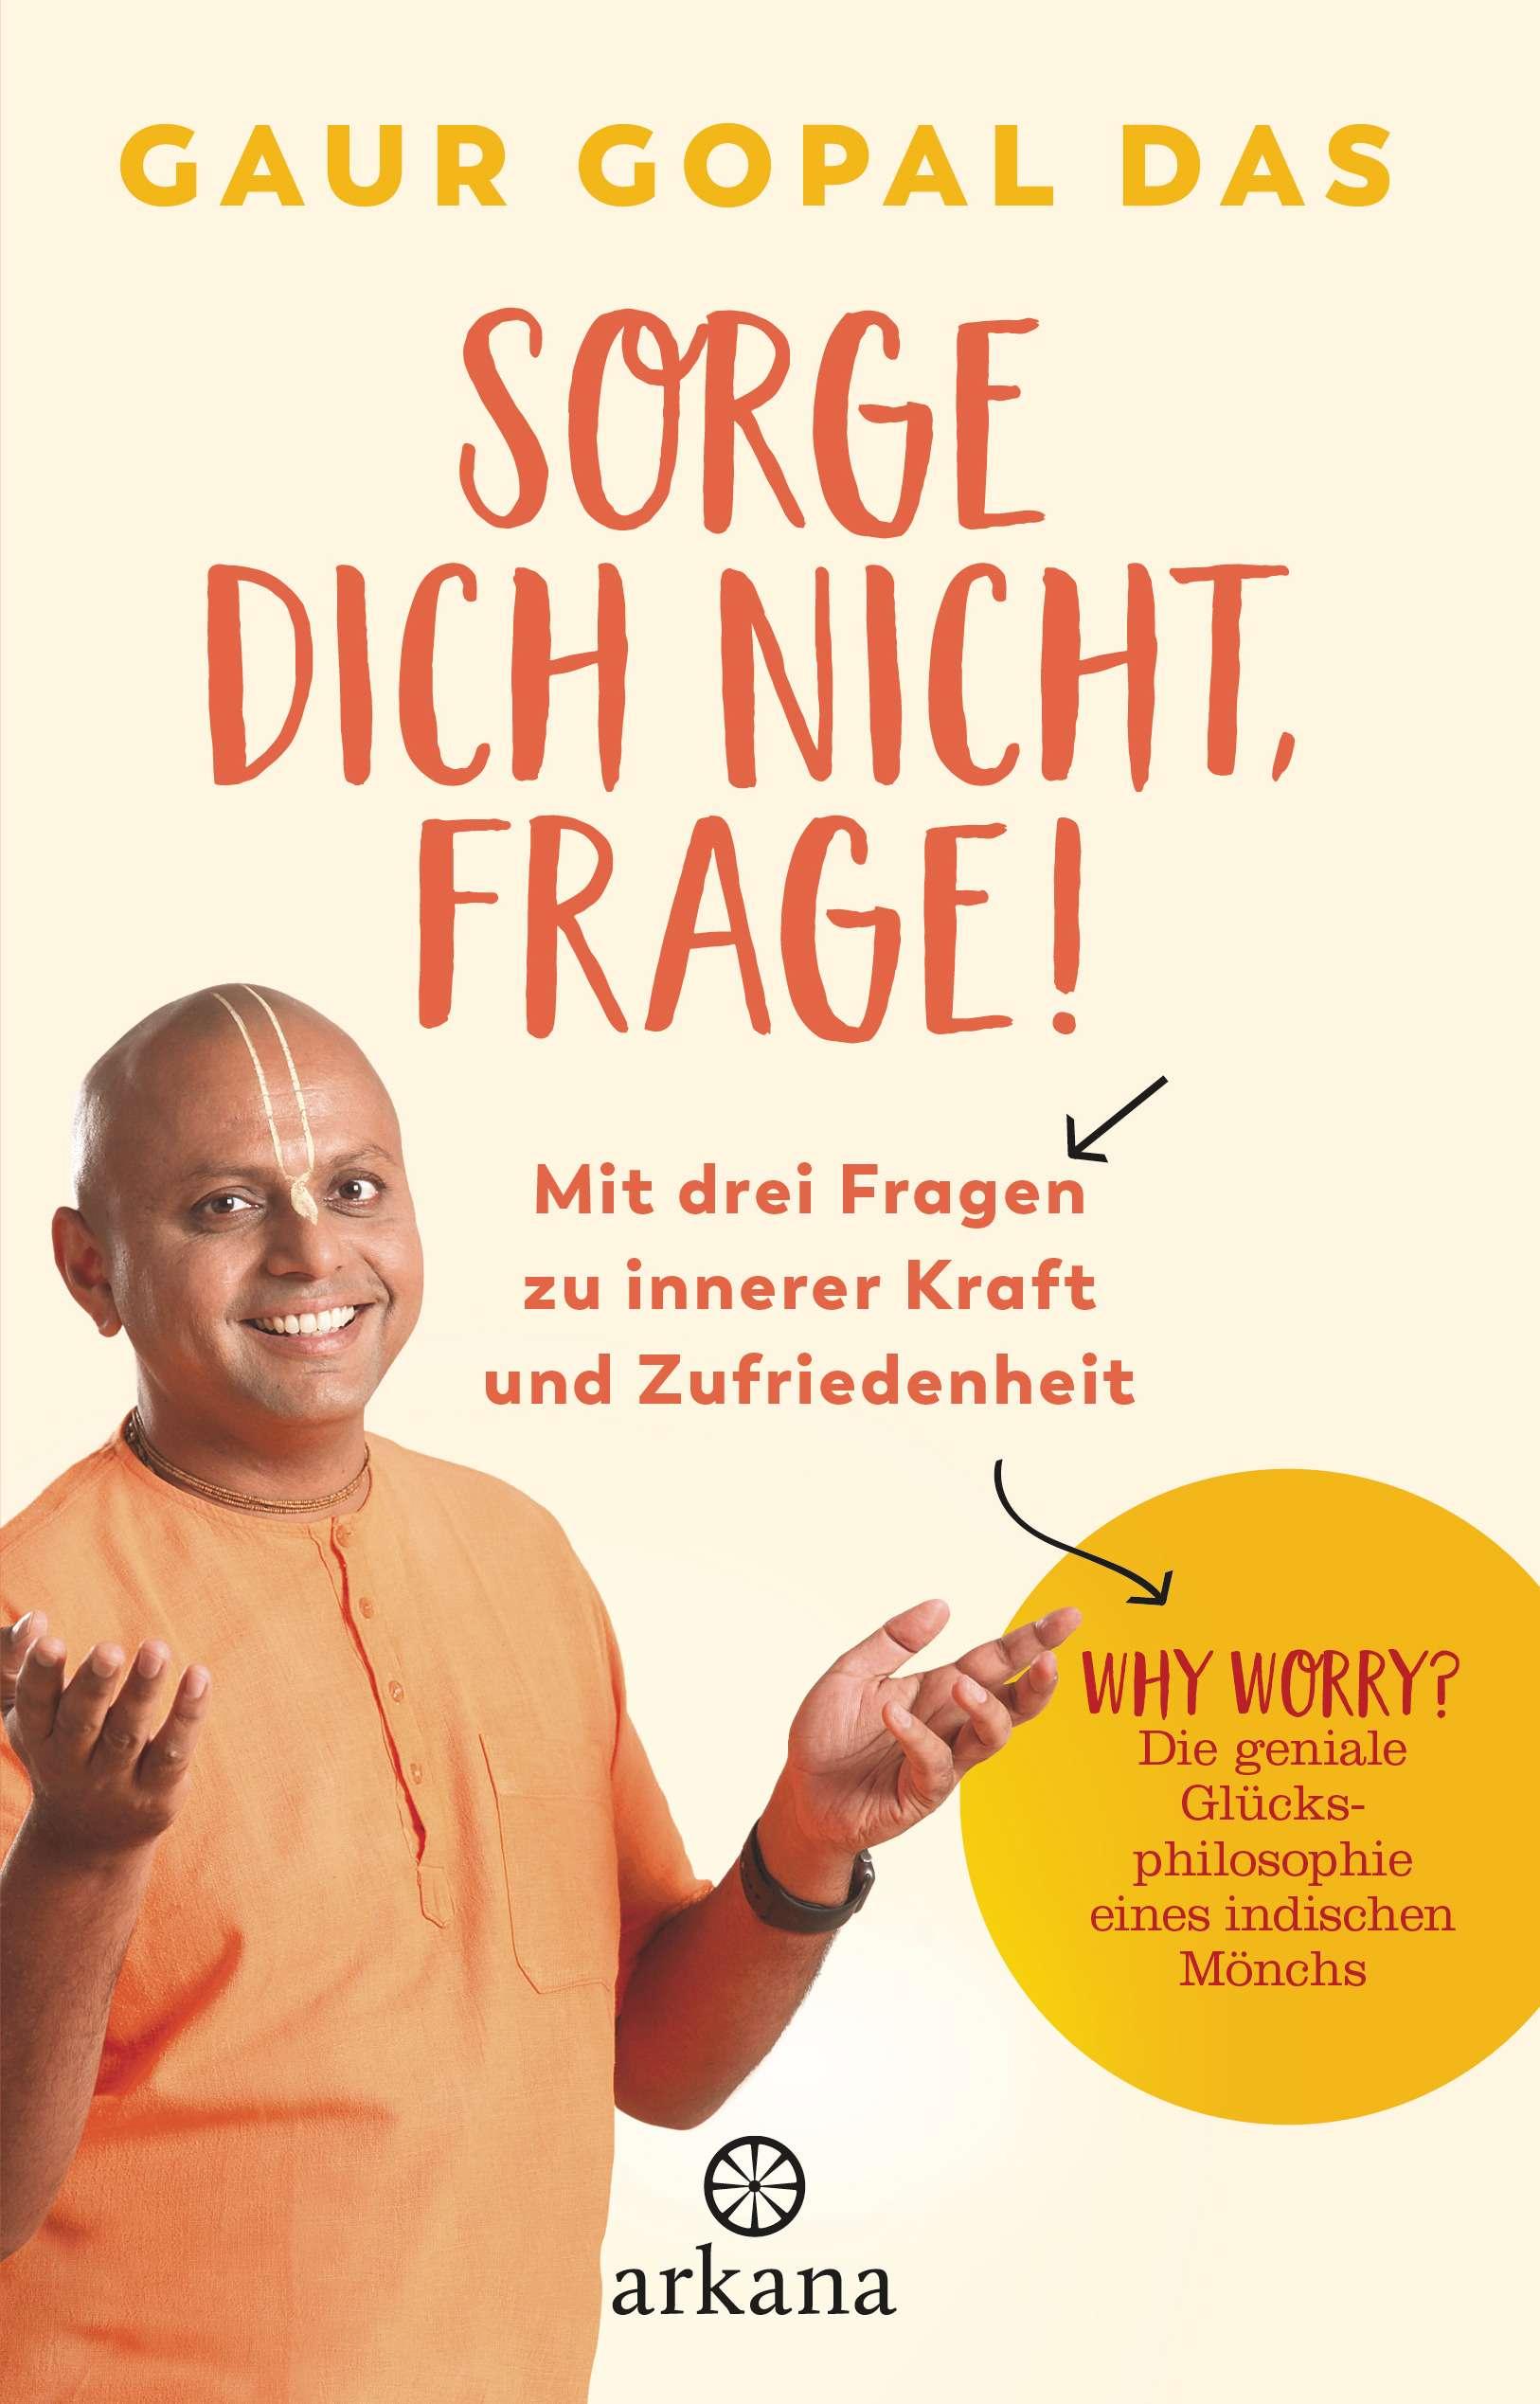 """""""Sorge dich nicht, frage"""" von Gaur Gopal Das © Arkana Yogannetteblog.de"""